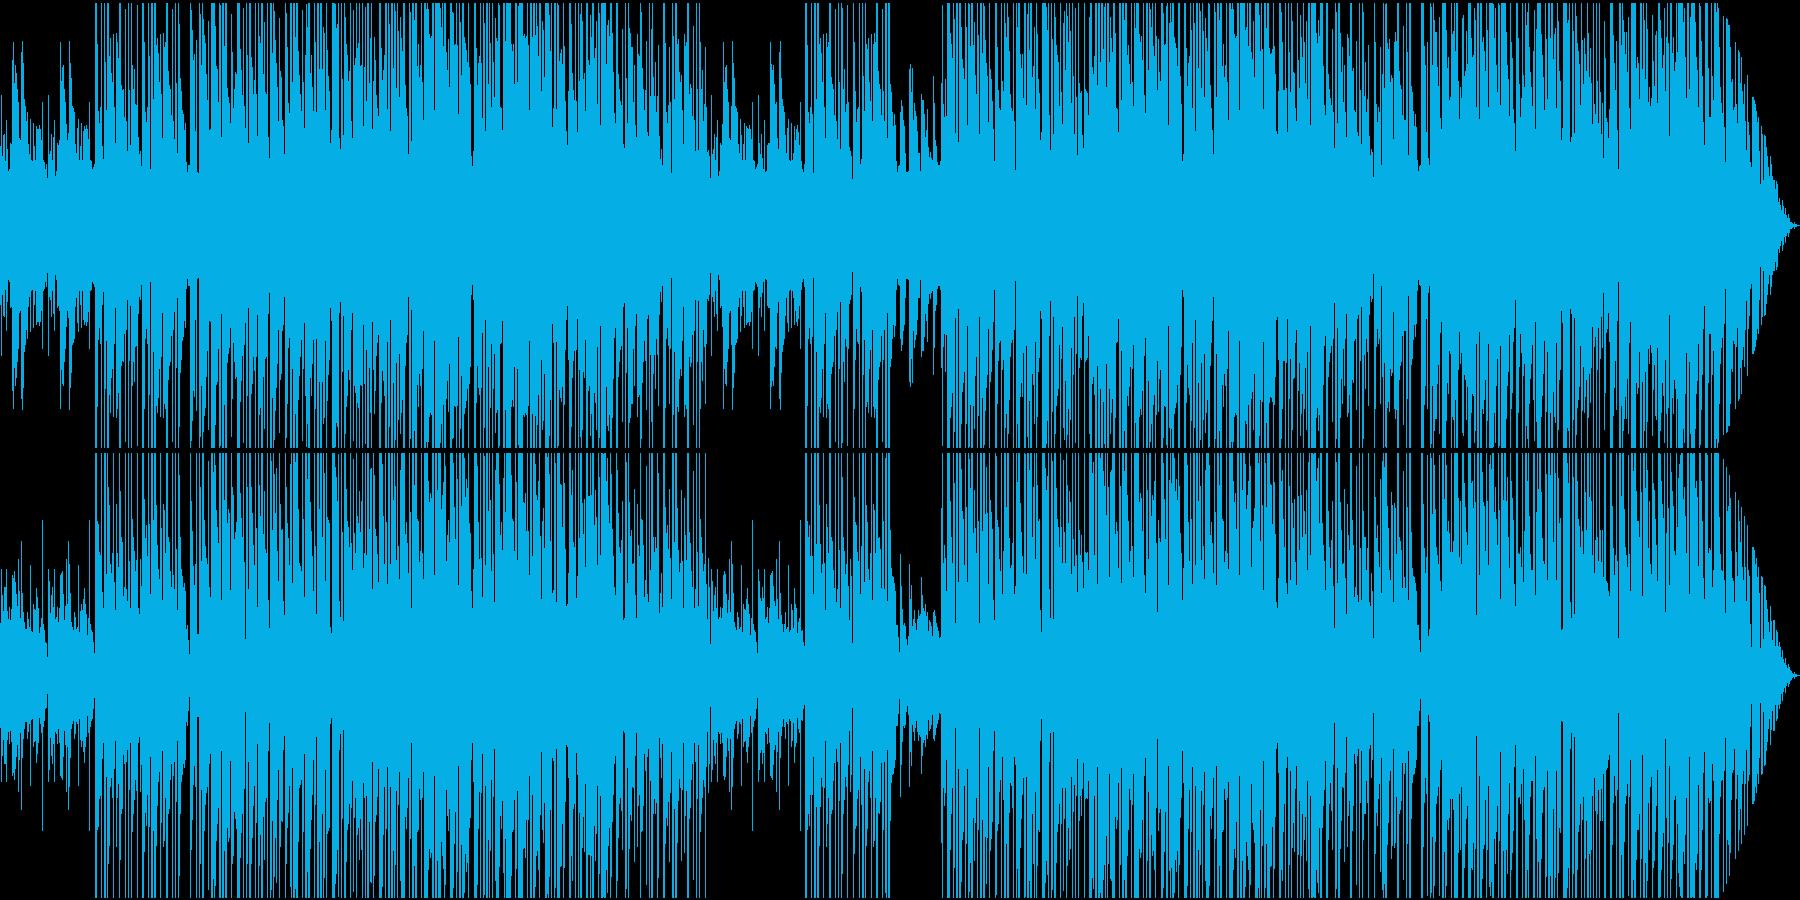 リラック系静かなバラードジャズメロ無しの再生済みの波形